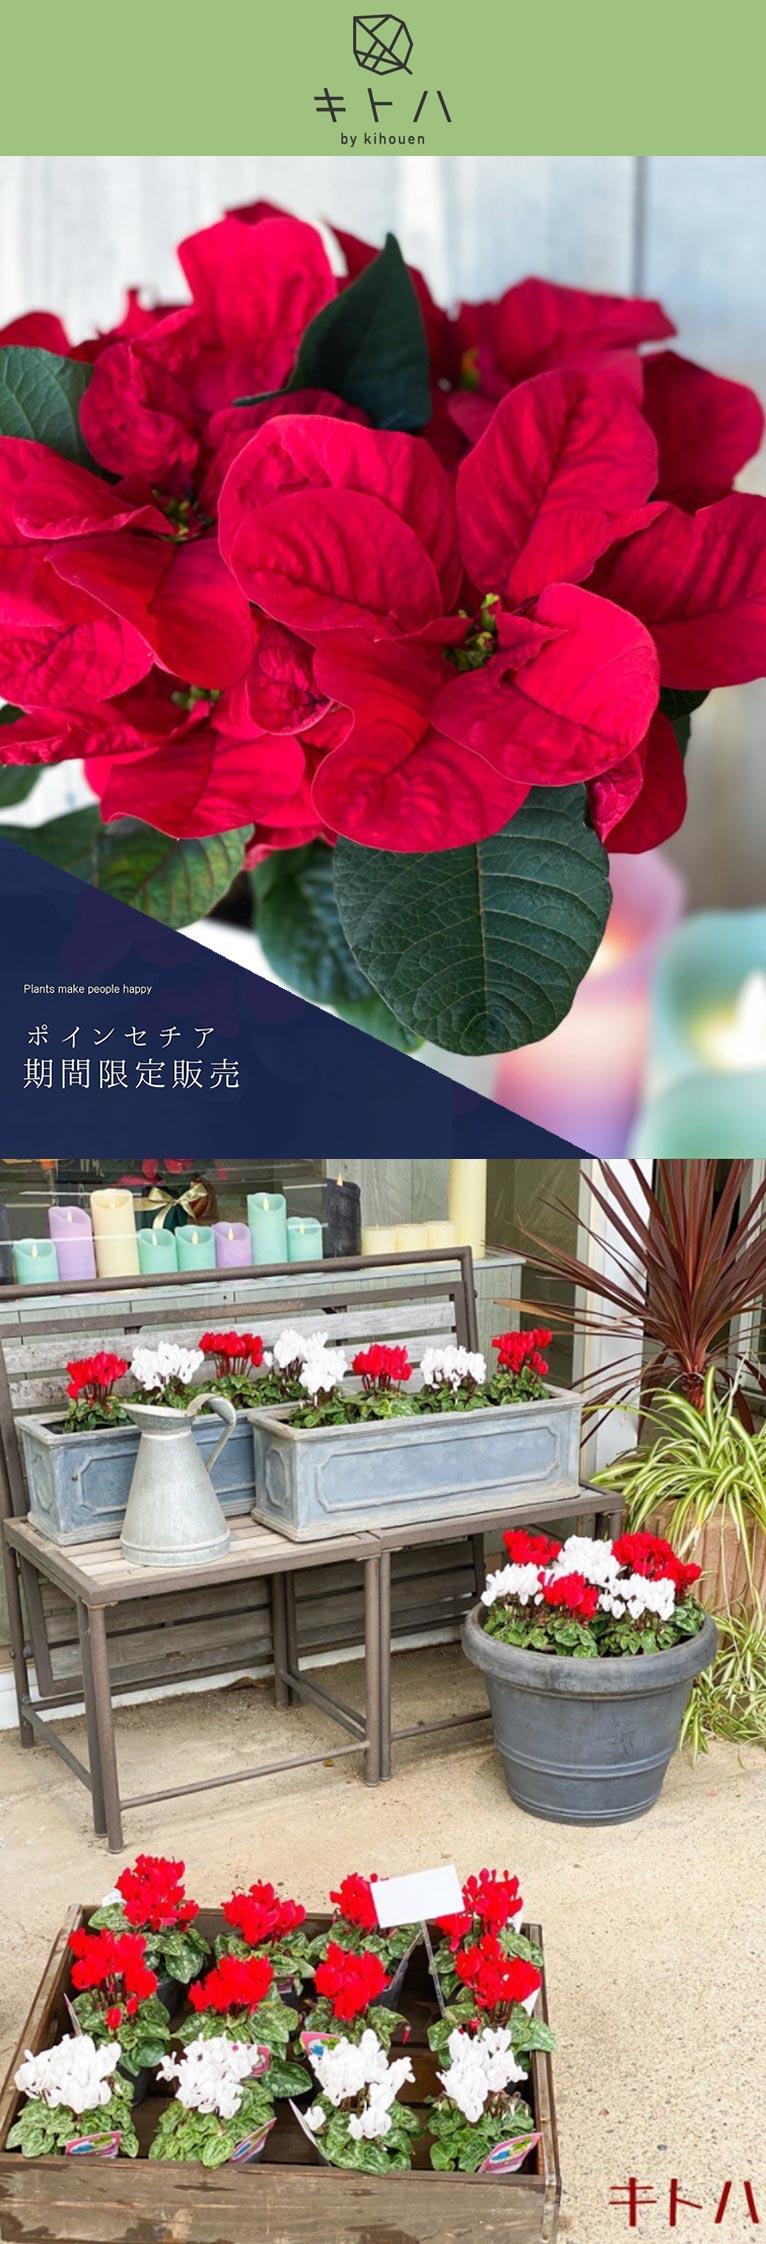 2020年12月17・19日 ~セゾンヴェール 期間限定 オープン~キトハ by kihouen 株式会社 喜芳園 width=